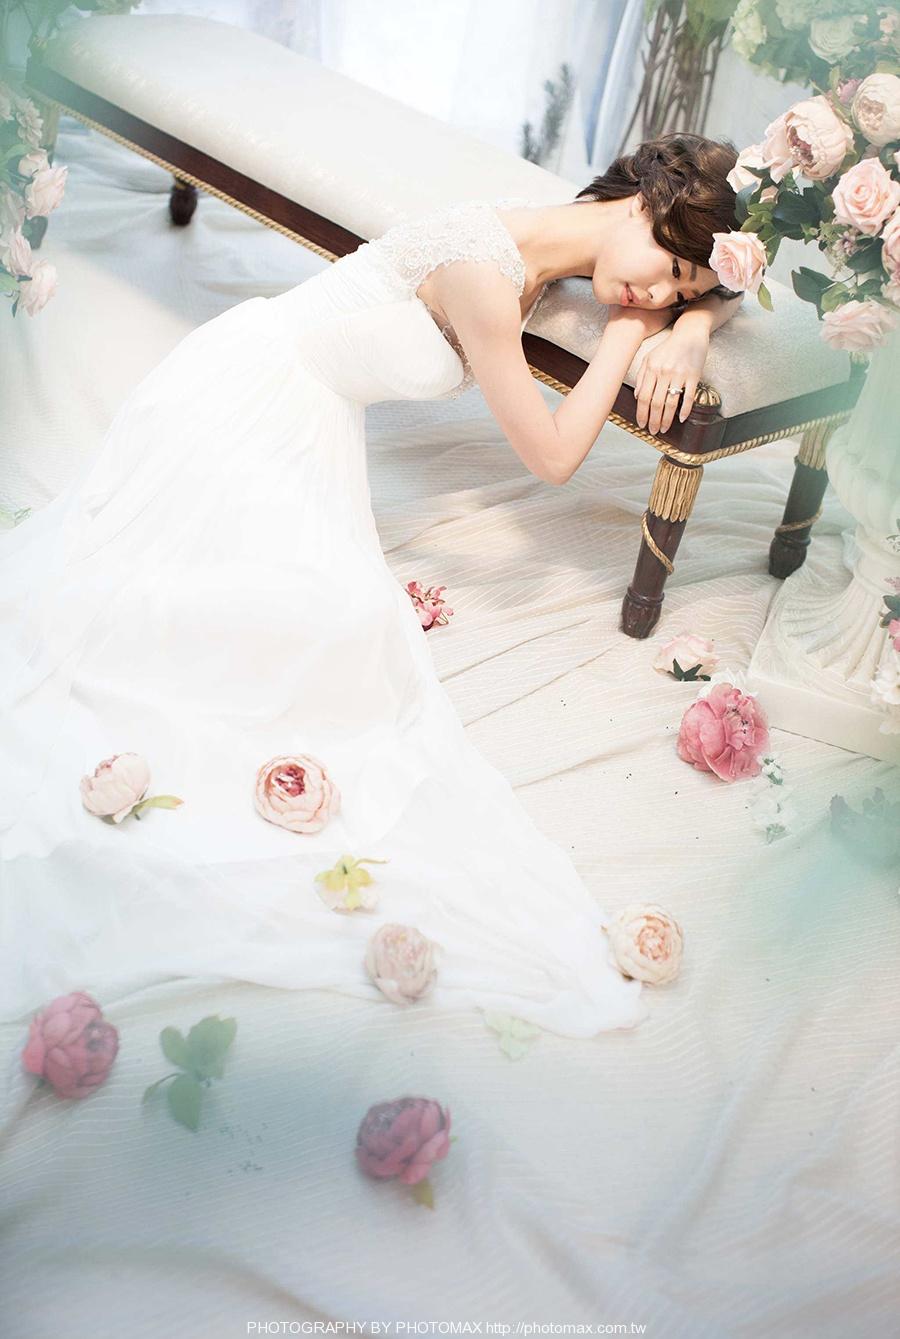 花语 PHOTO MAX 老麦摄影 韩式婚纱摄影 婚纱摄影 (2)